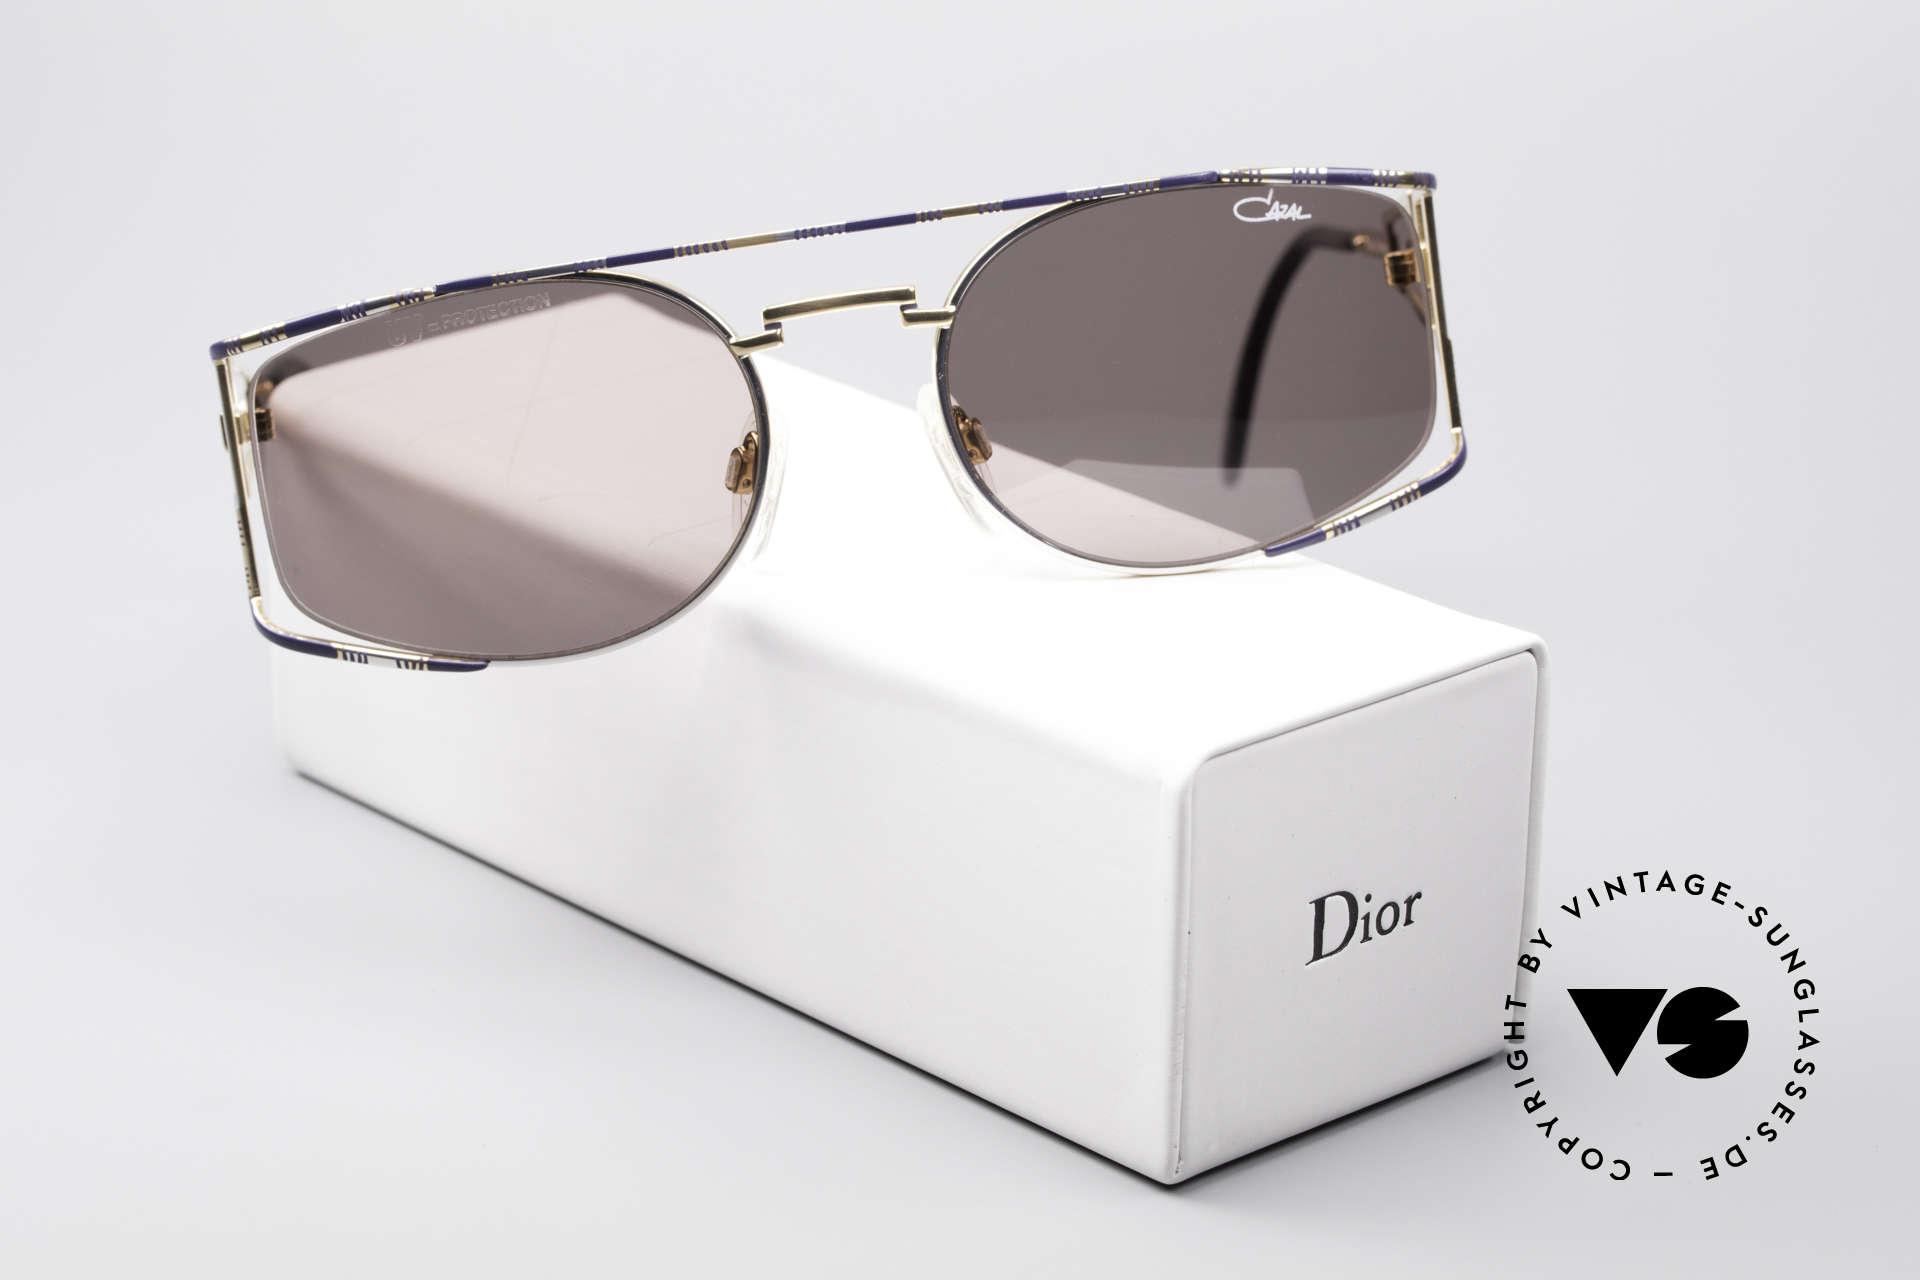 Cazal 967 Vintage Markensonnenbrille, Größe: medium, Passend für Herren und Damen